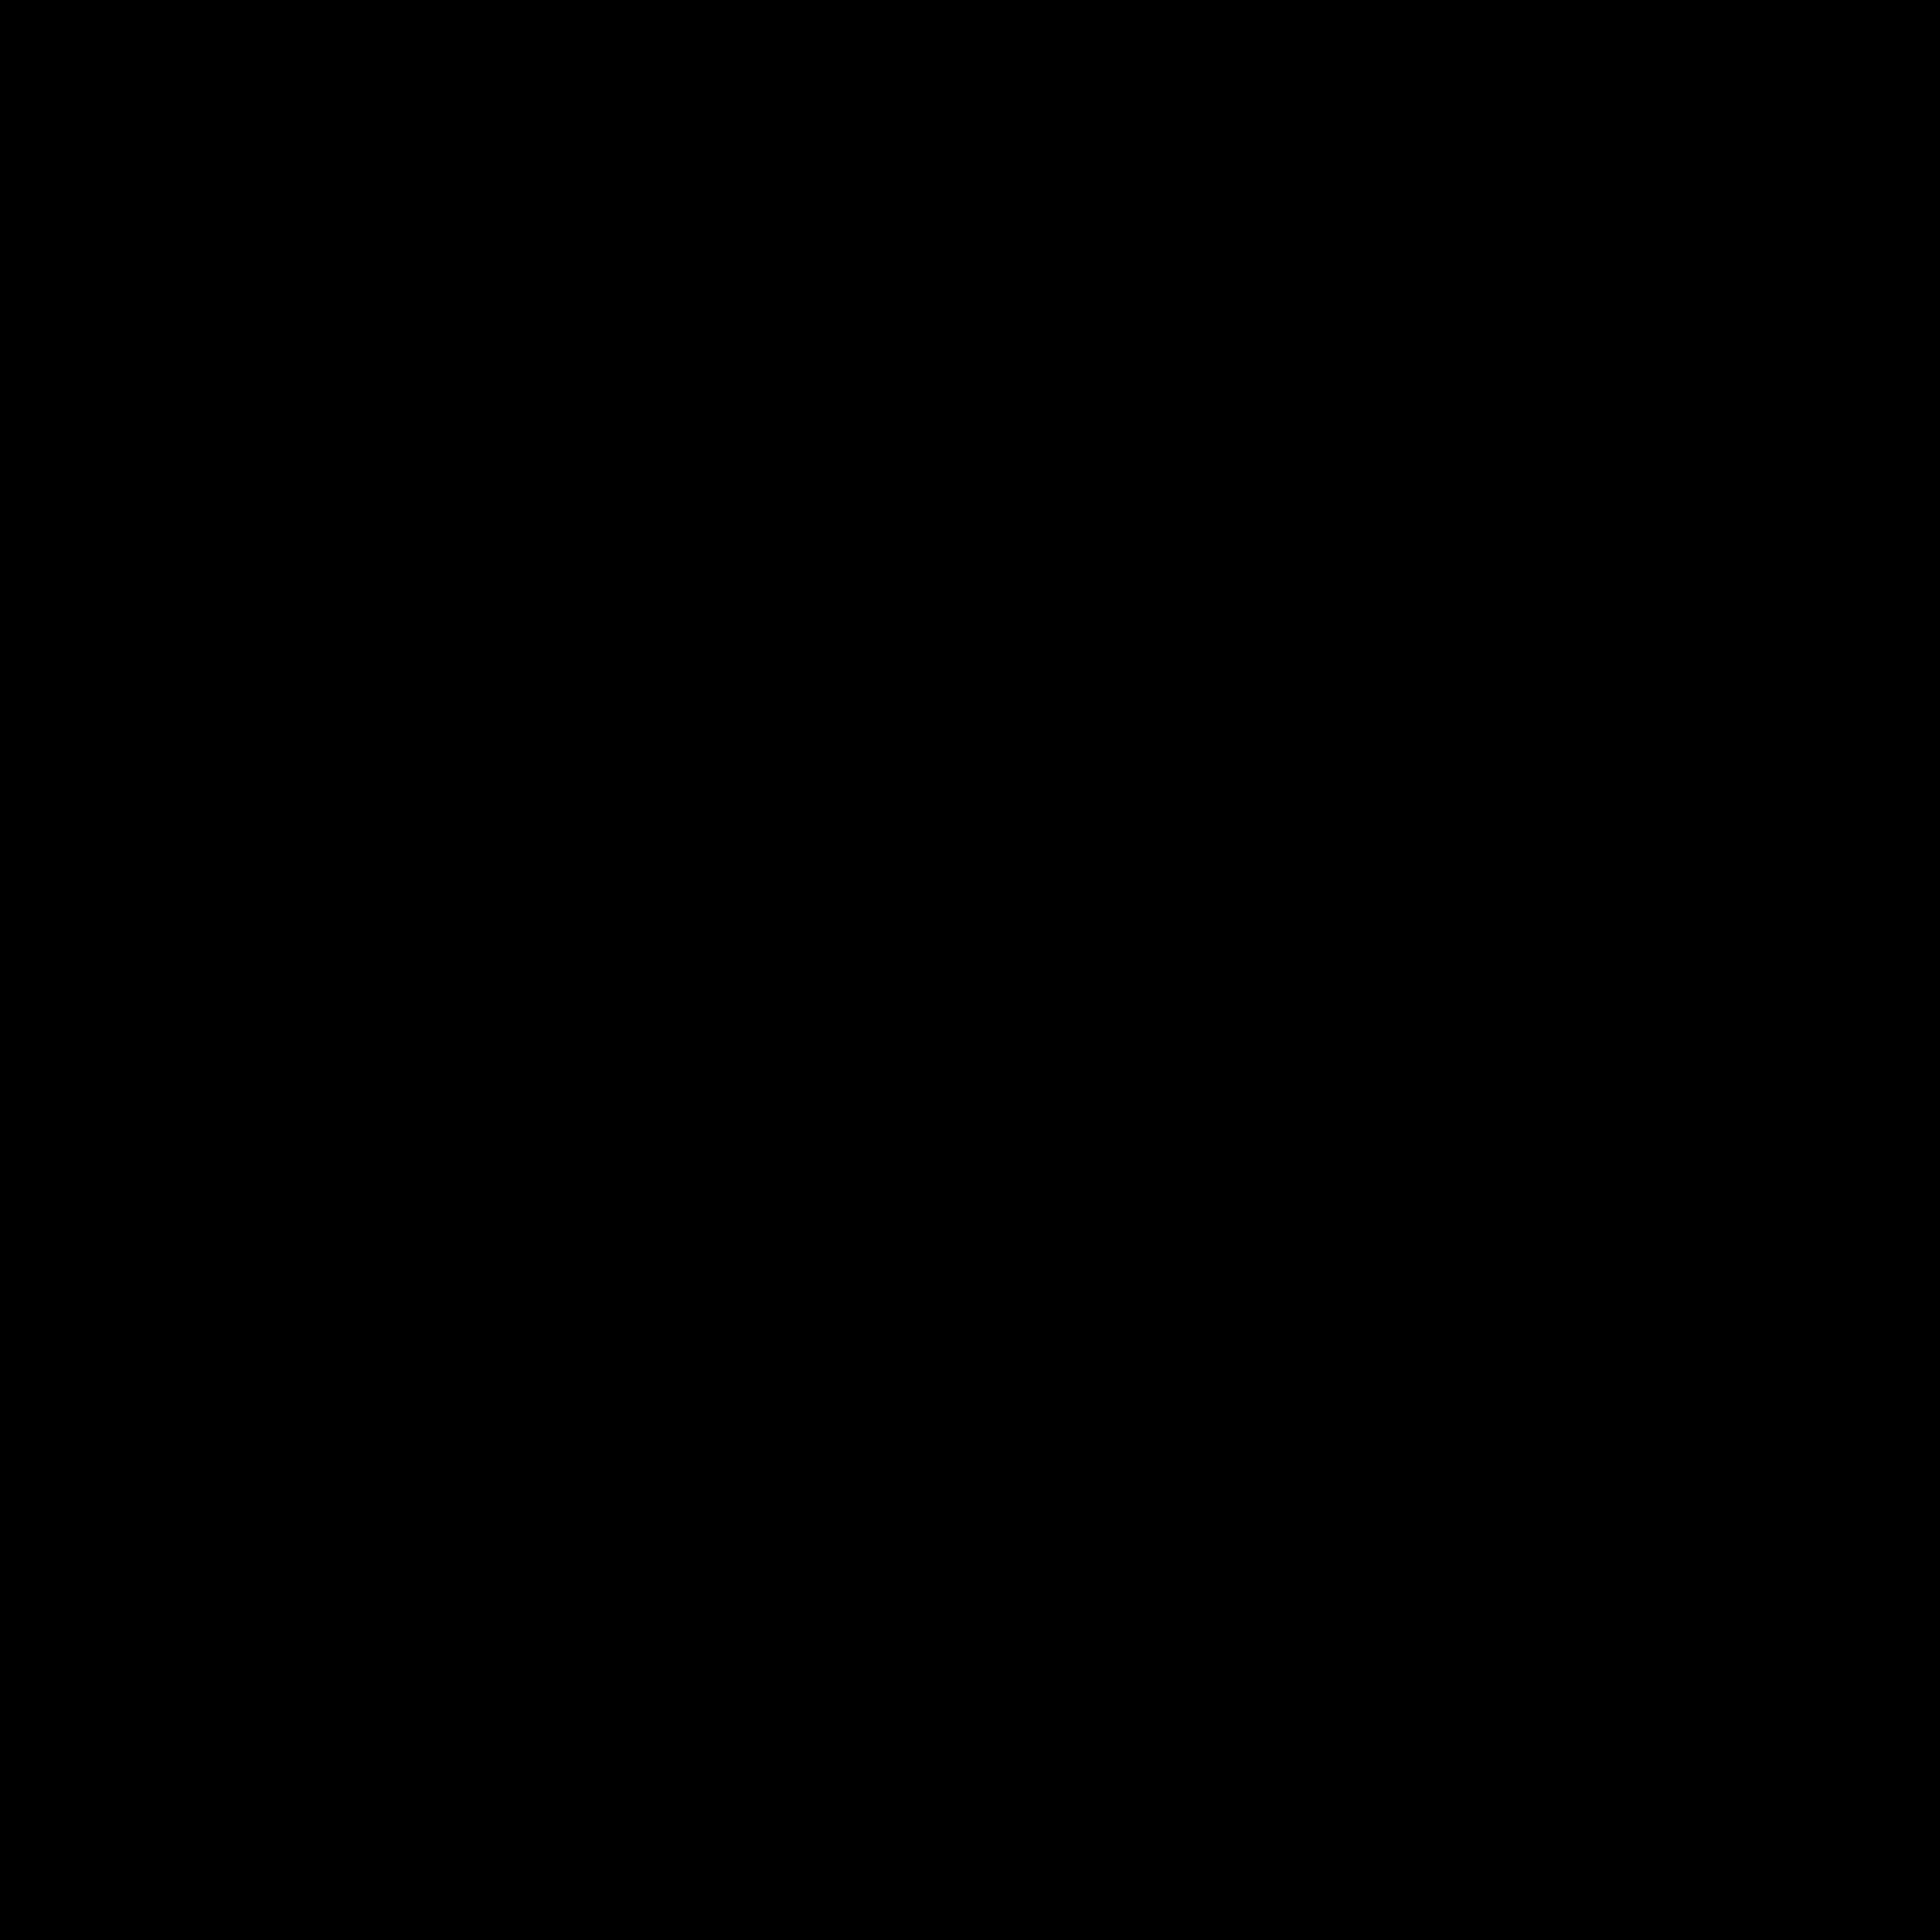 clipart - fleur-de-lis cross (lxxix)